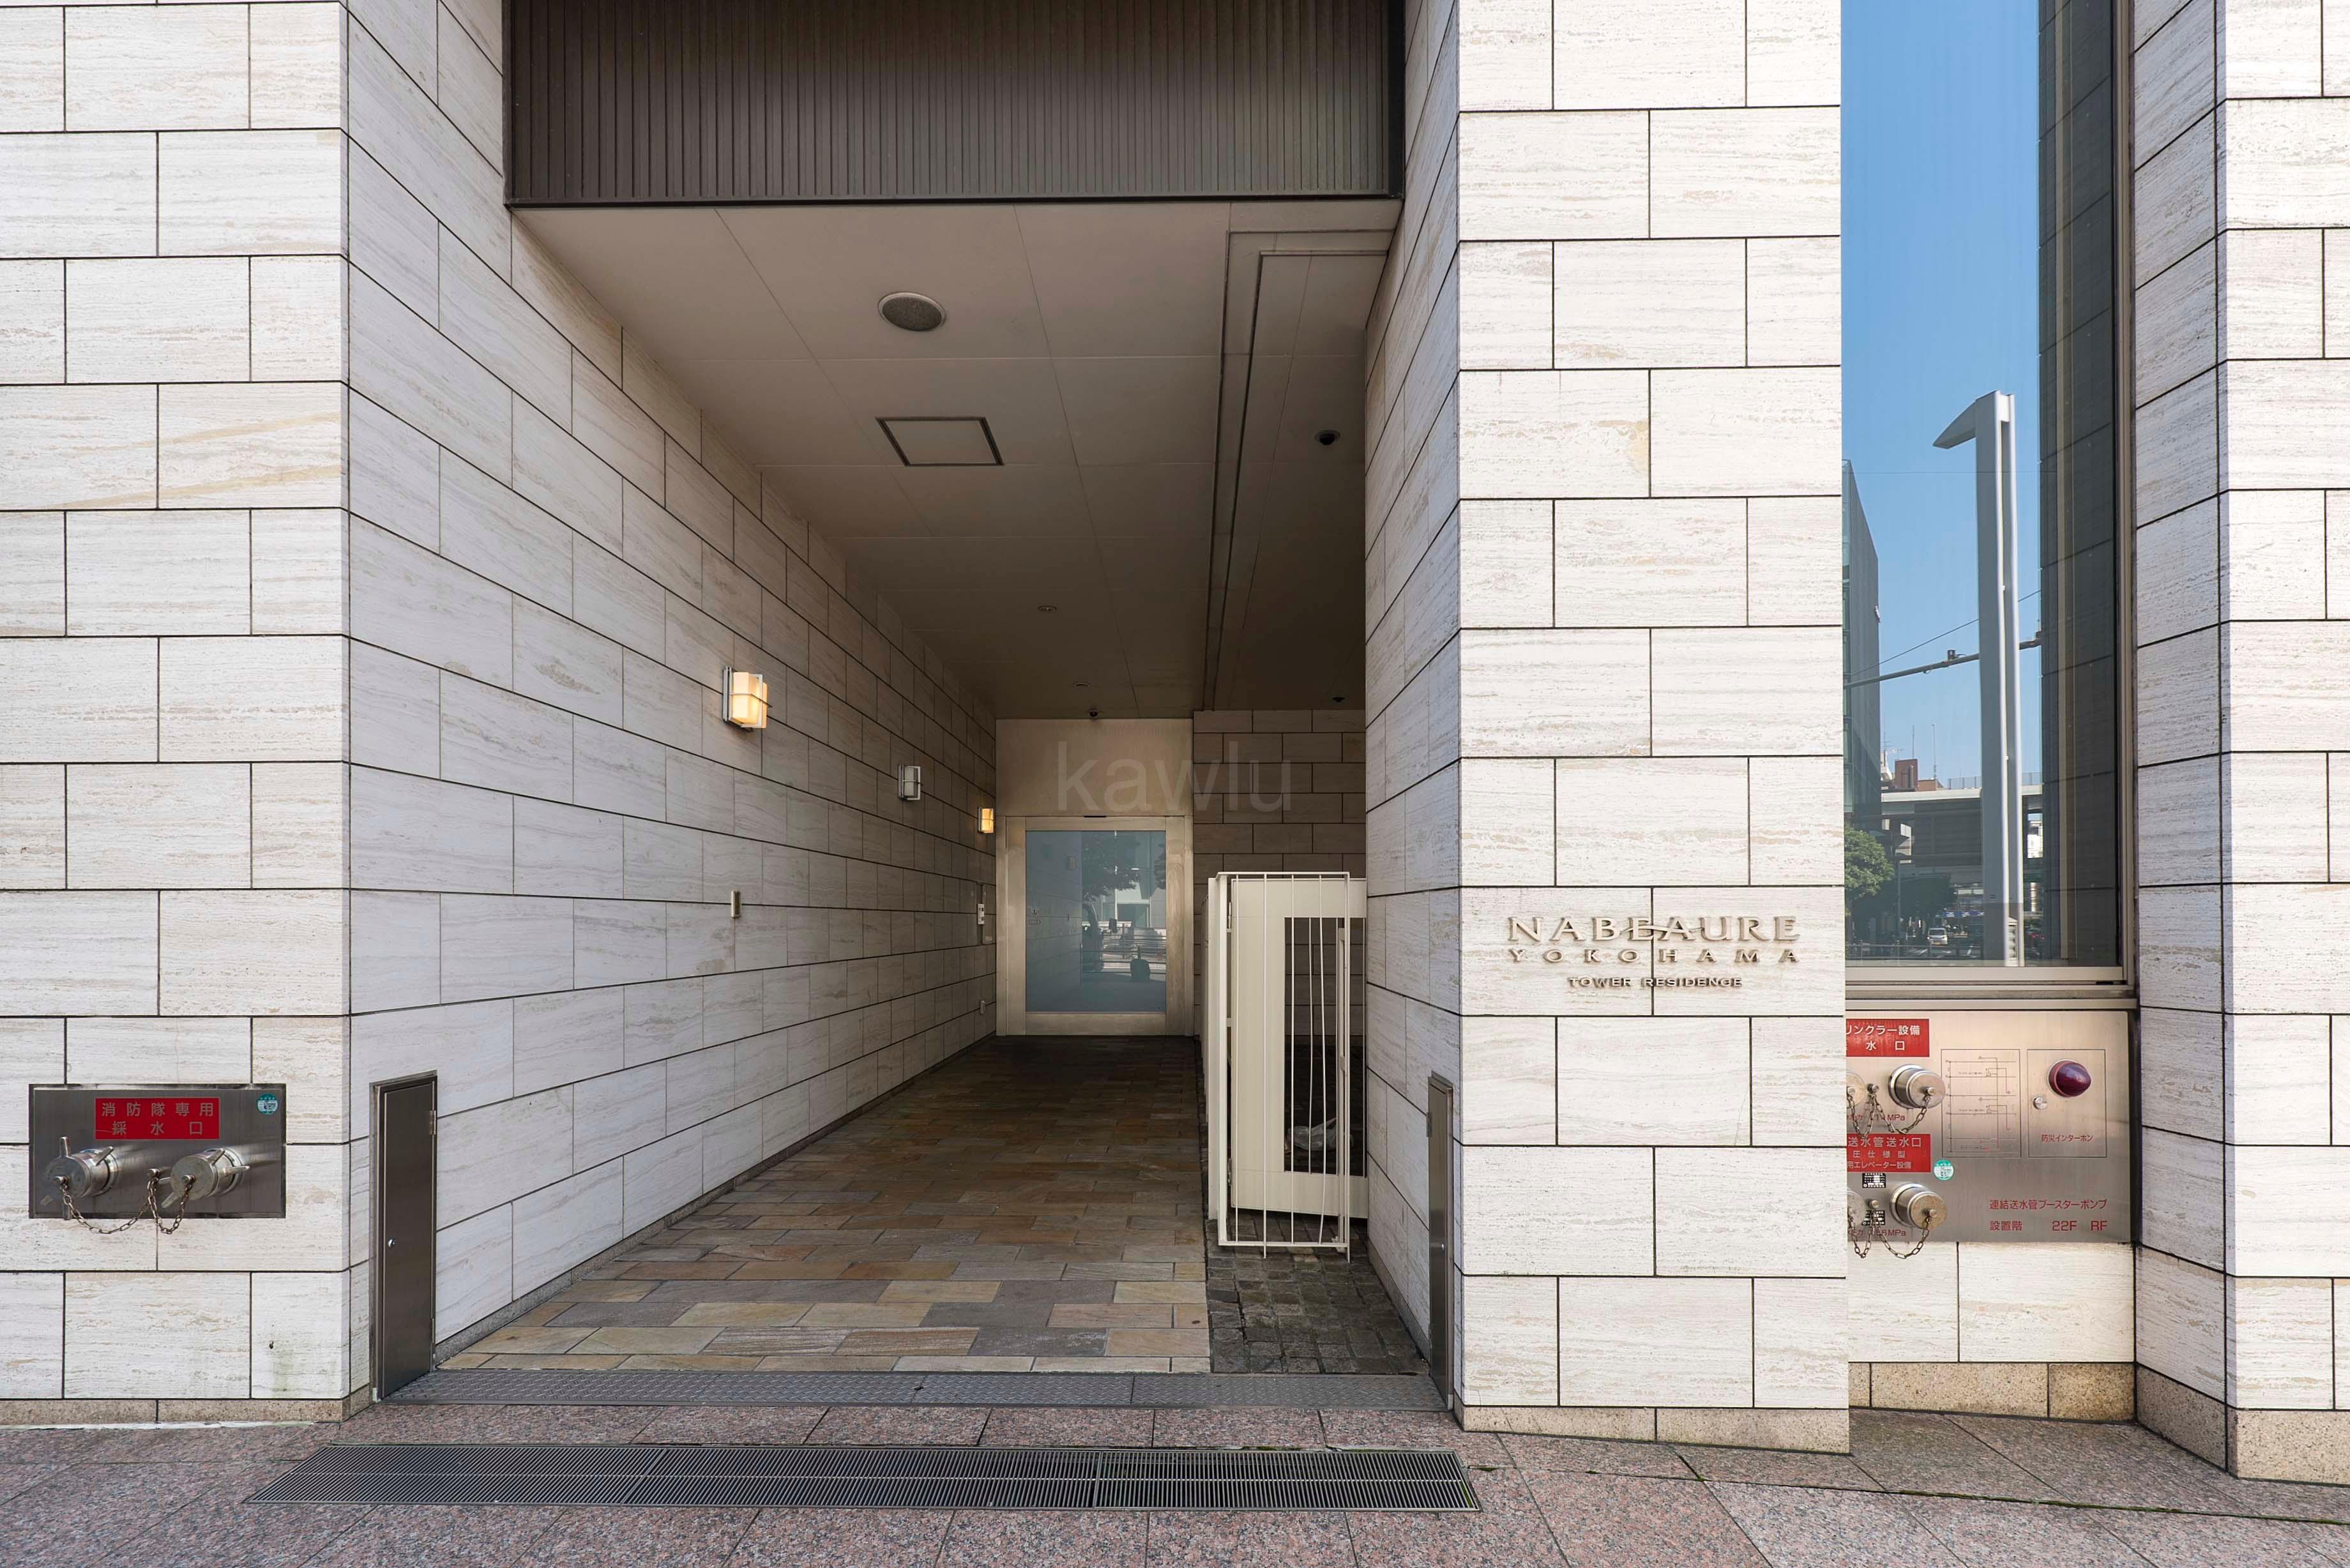 ナビューレ横浜タワーレジデンス_エントランス